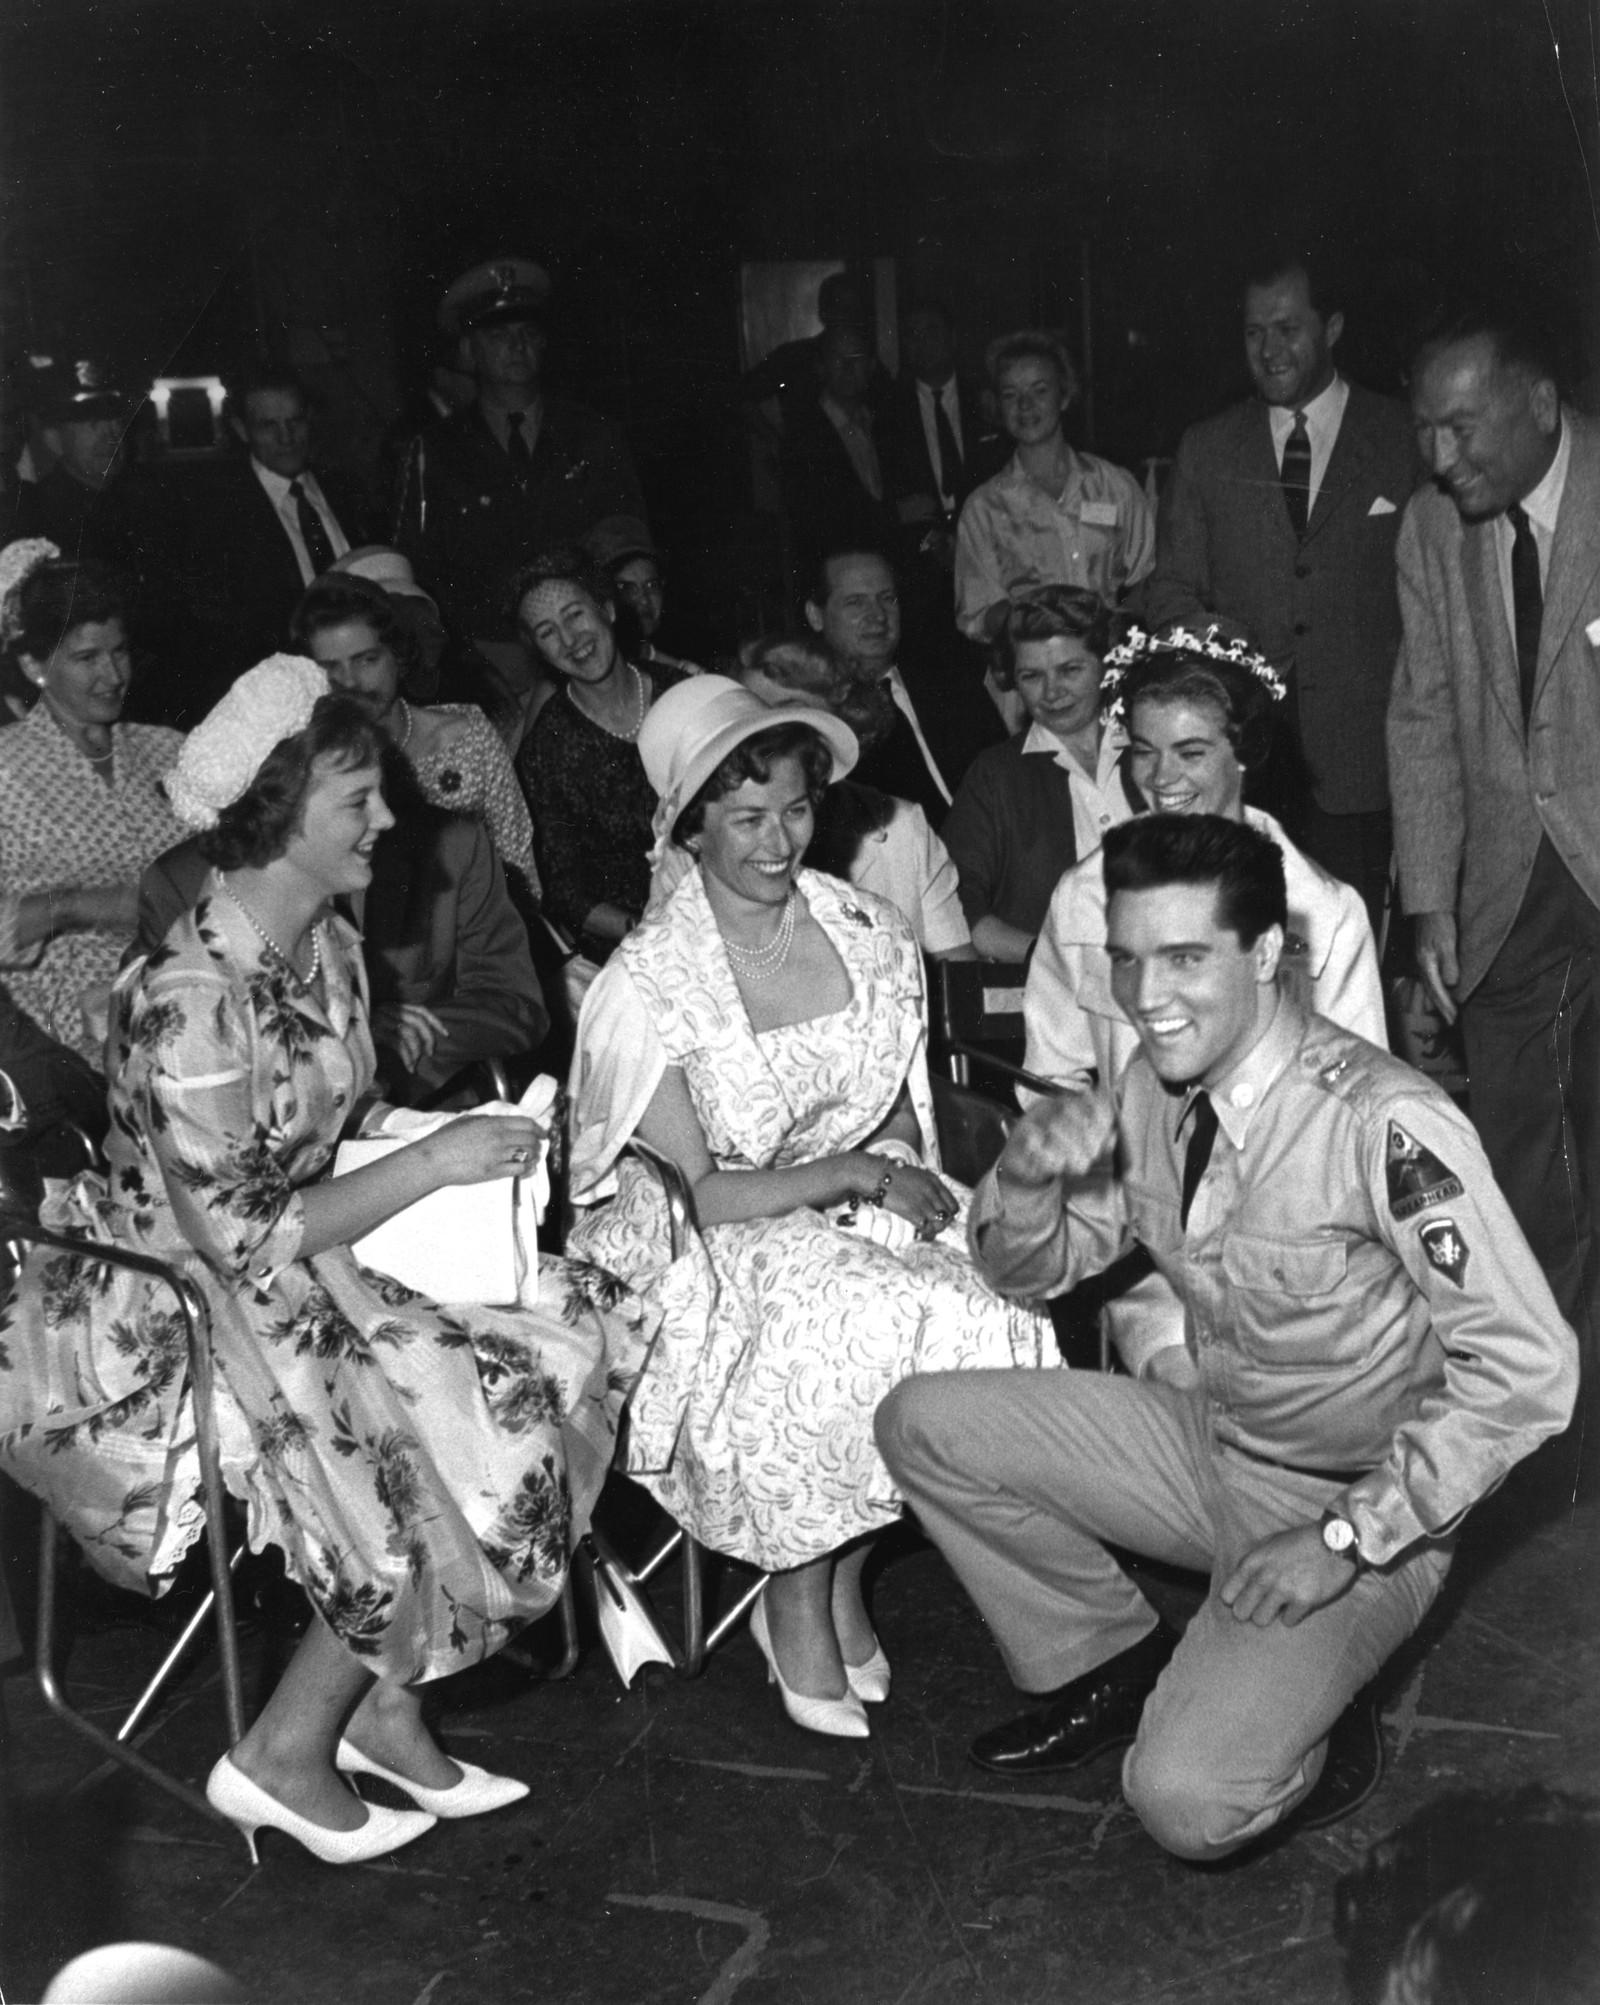 """ELVIS PÅ KNE: Rockekongen gjekk ned på kne for dei skandinaviske prinsessene Margrethe, Astrid og Margaretha i Hollywood i 1960. Dei besøkte Paramount-studio under innspelinga av """" G.I. Blues """"."""